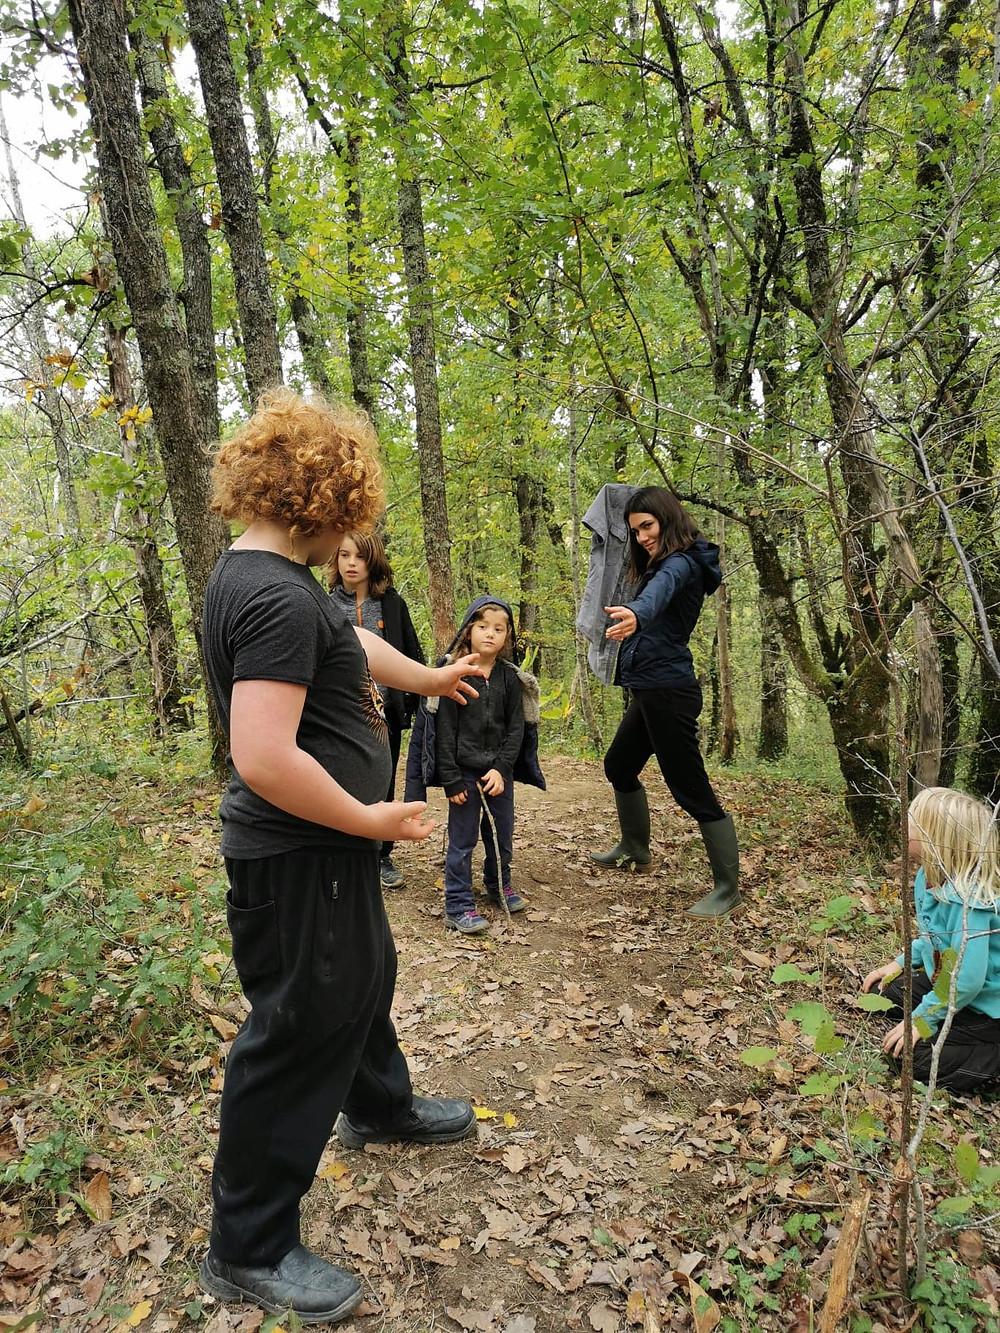 cours de self-defense en forêt